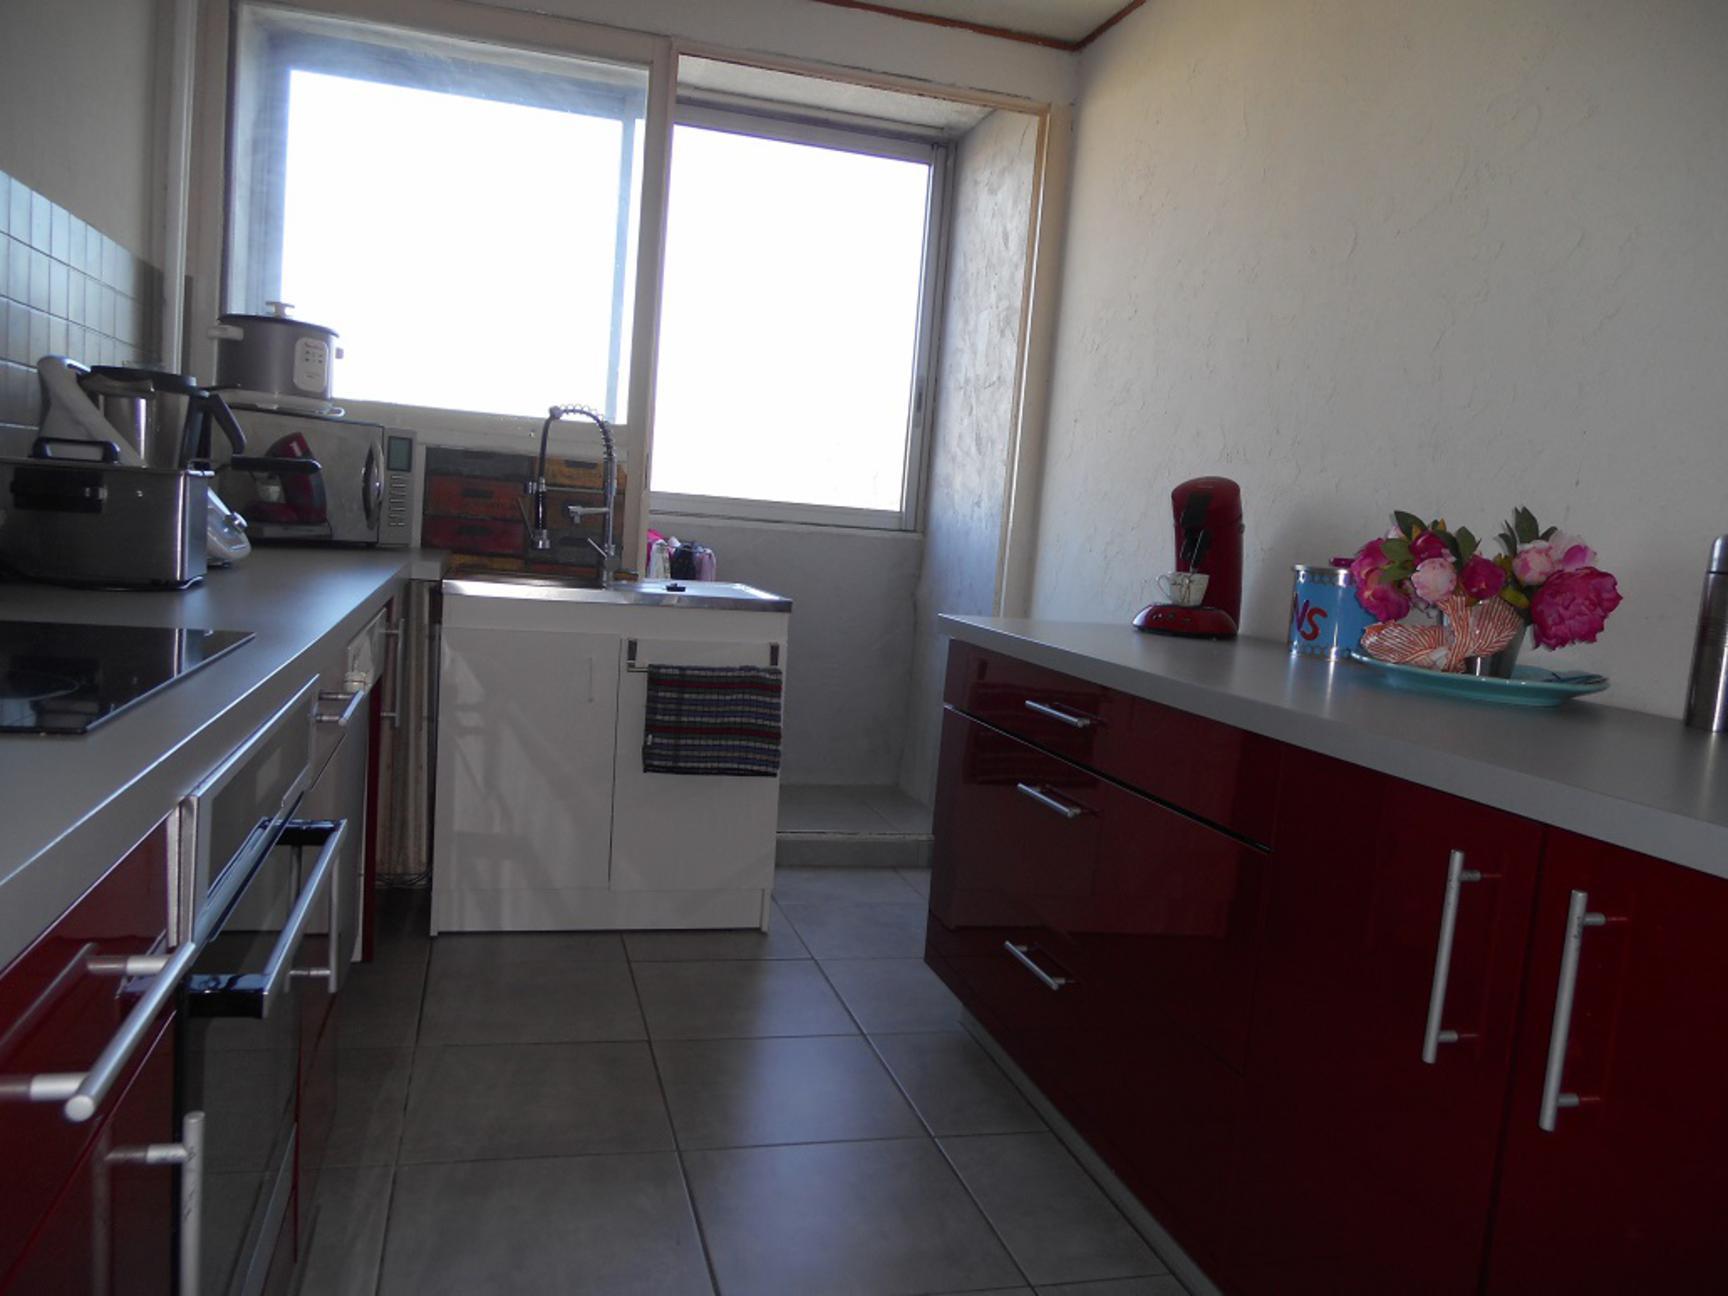 vente appartement 5 pièces Villefranche-sur-Saône 69400